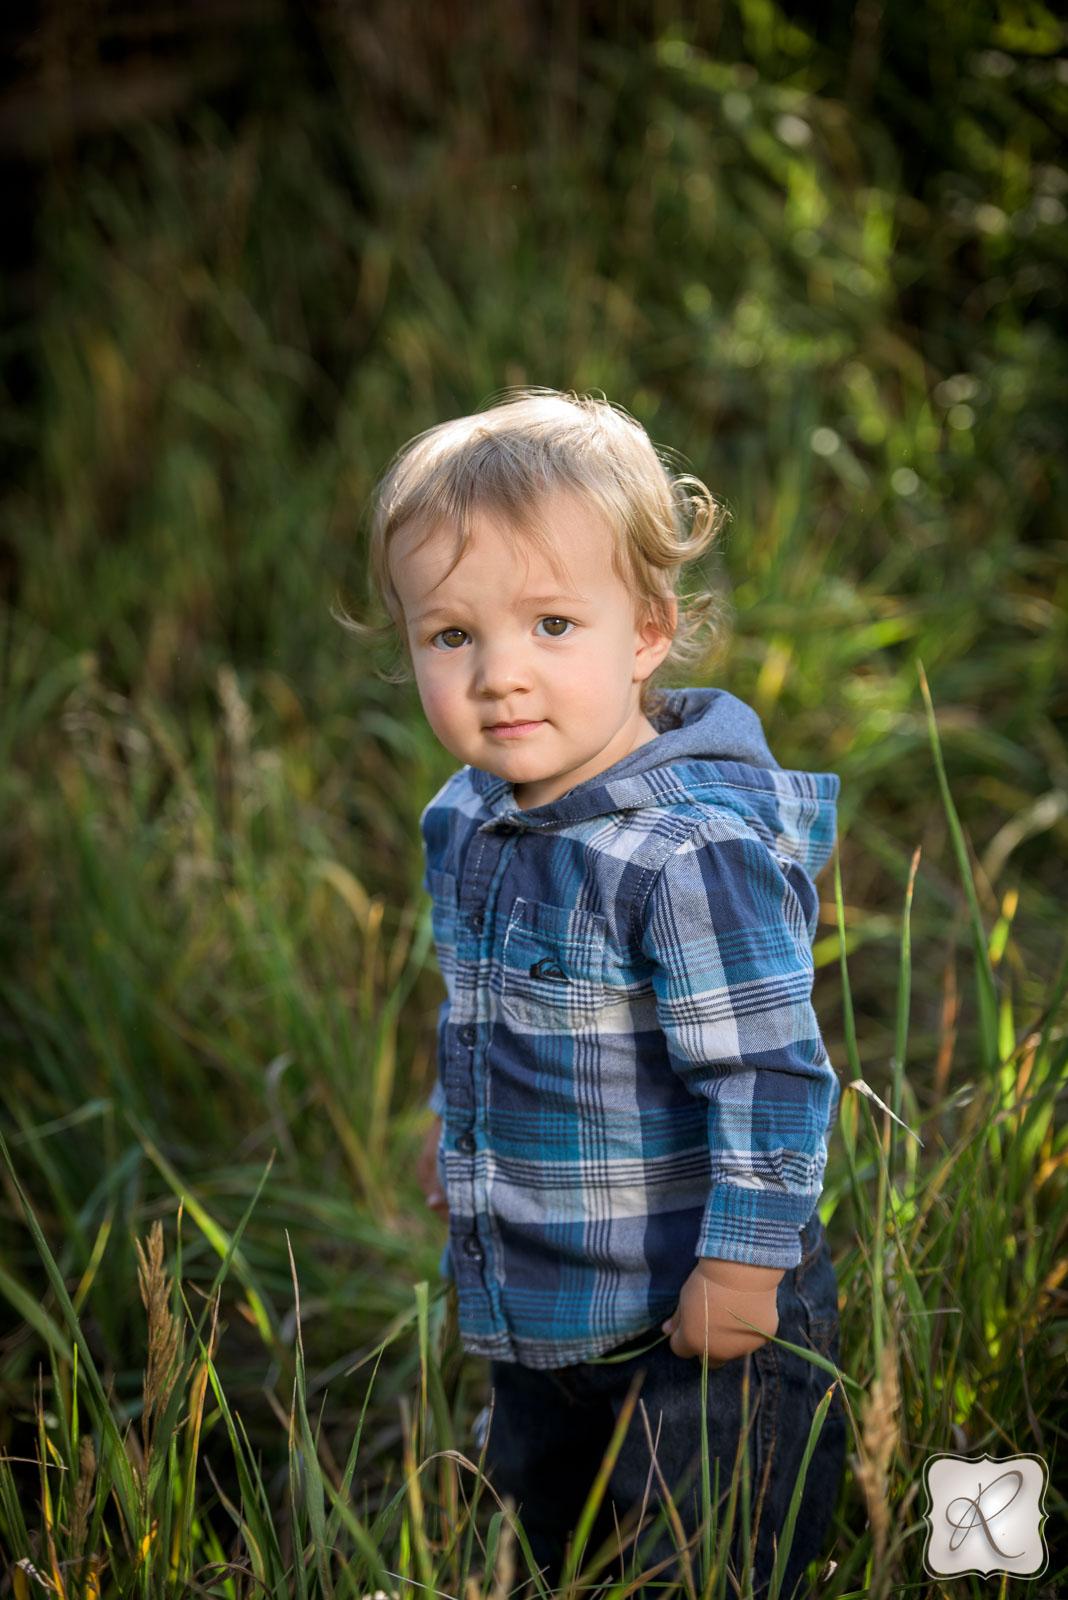 Allison Ragsdale Photography portraits